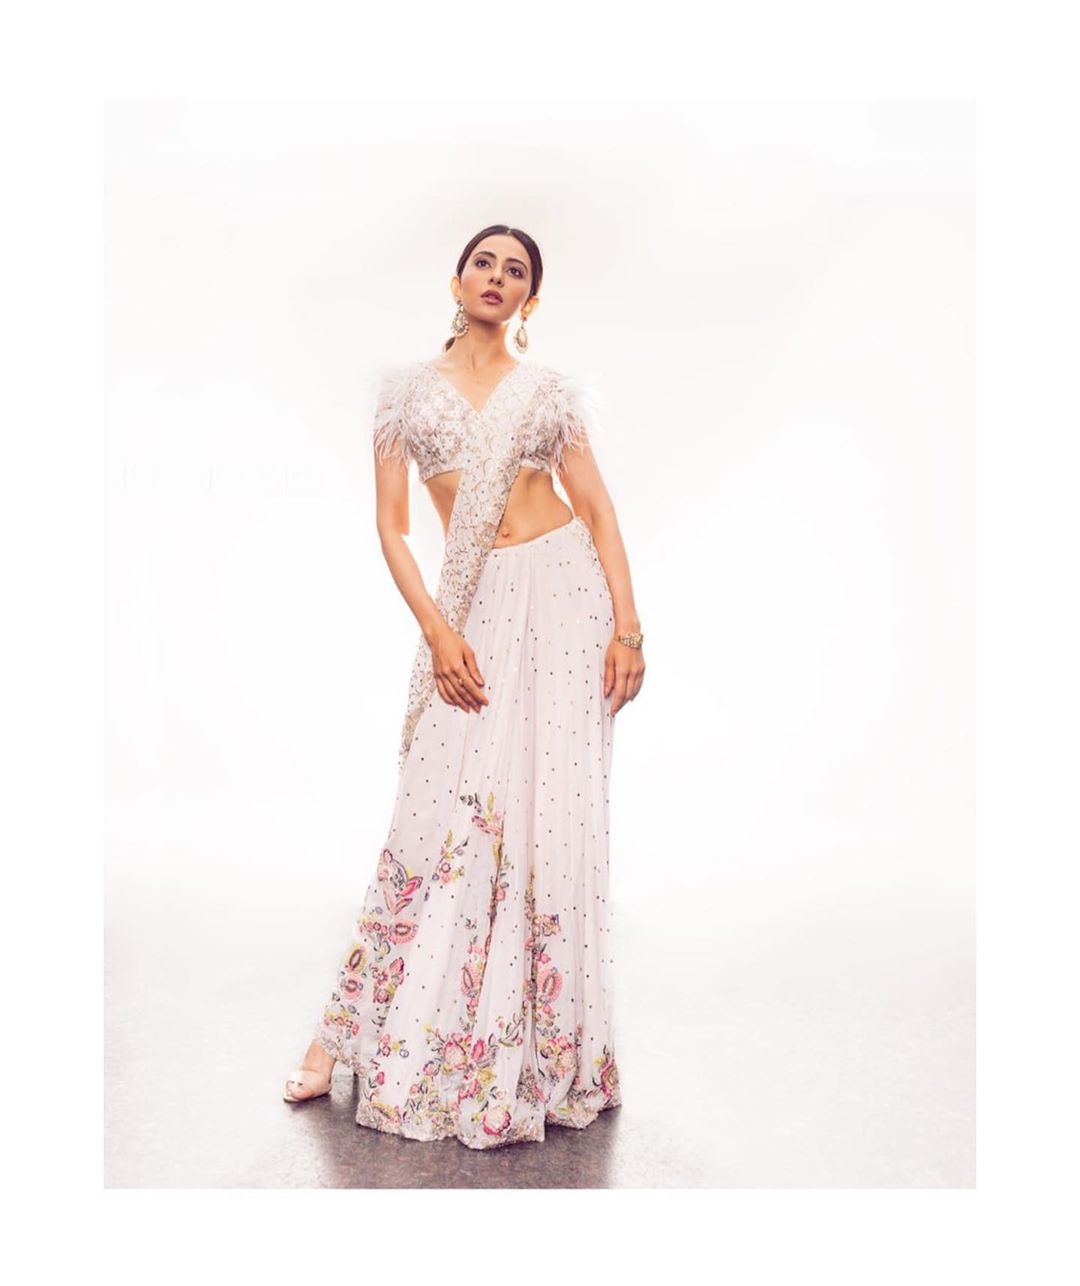 రకుల్ ప్రీత్ సింగ్ హాట్ ఫోటోస్, Photo: Instagram.com/rakulpreet